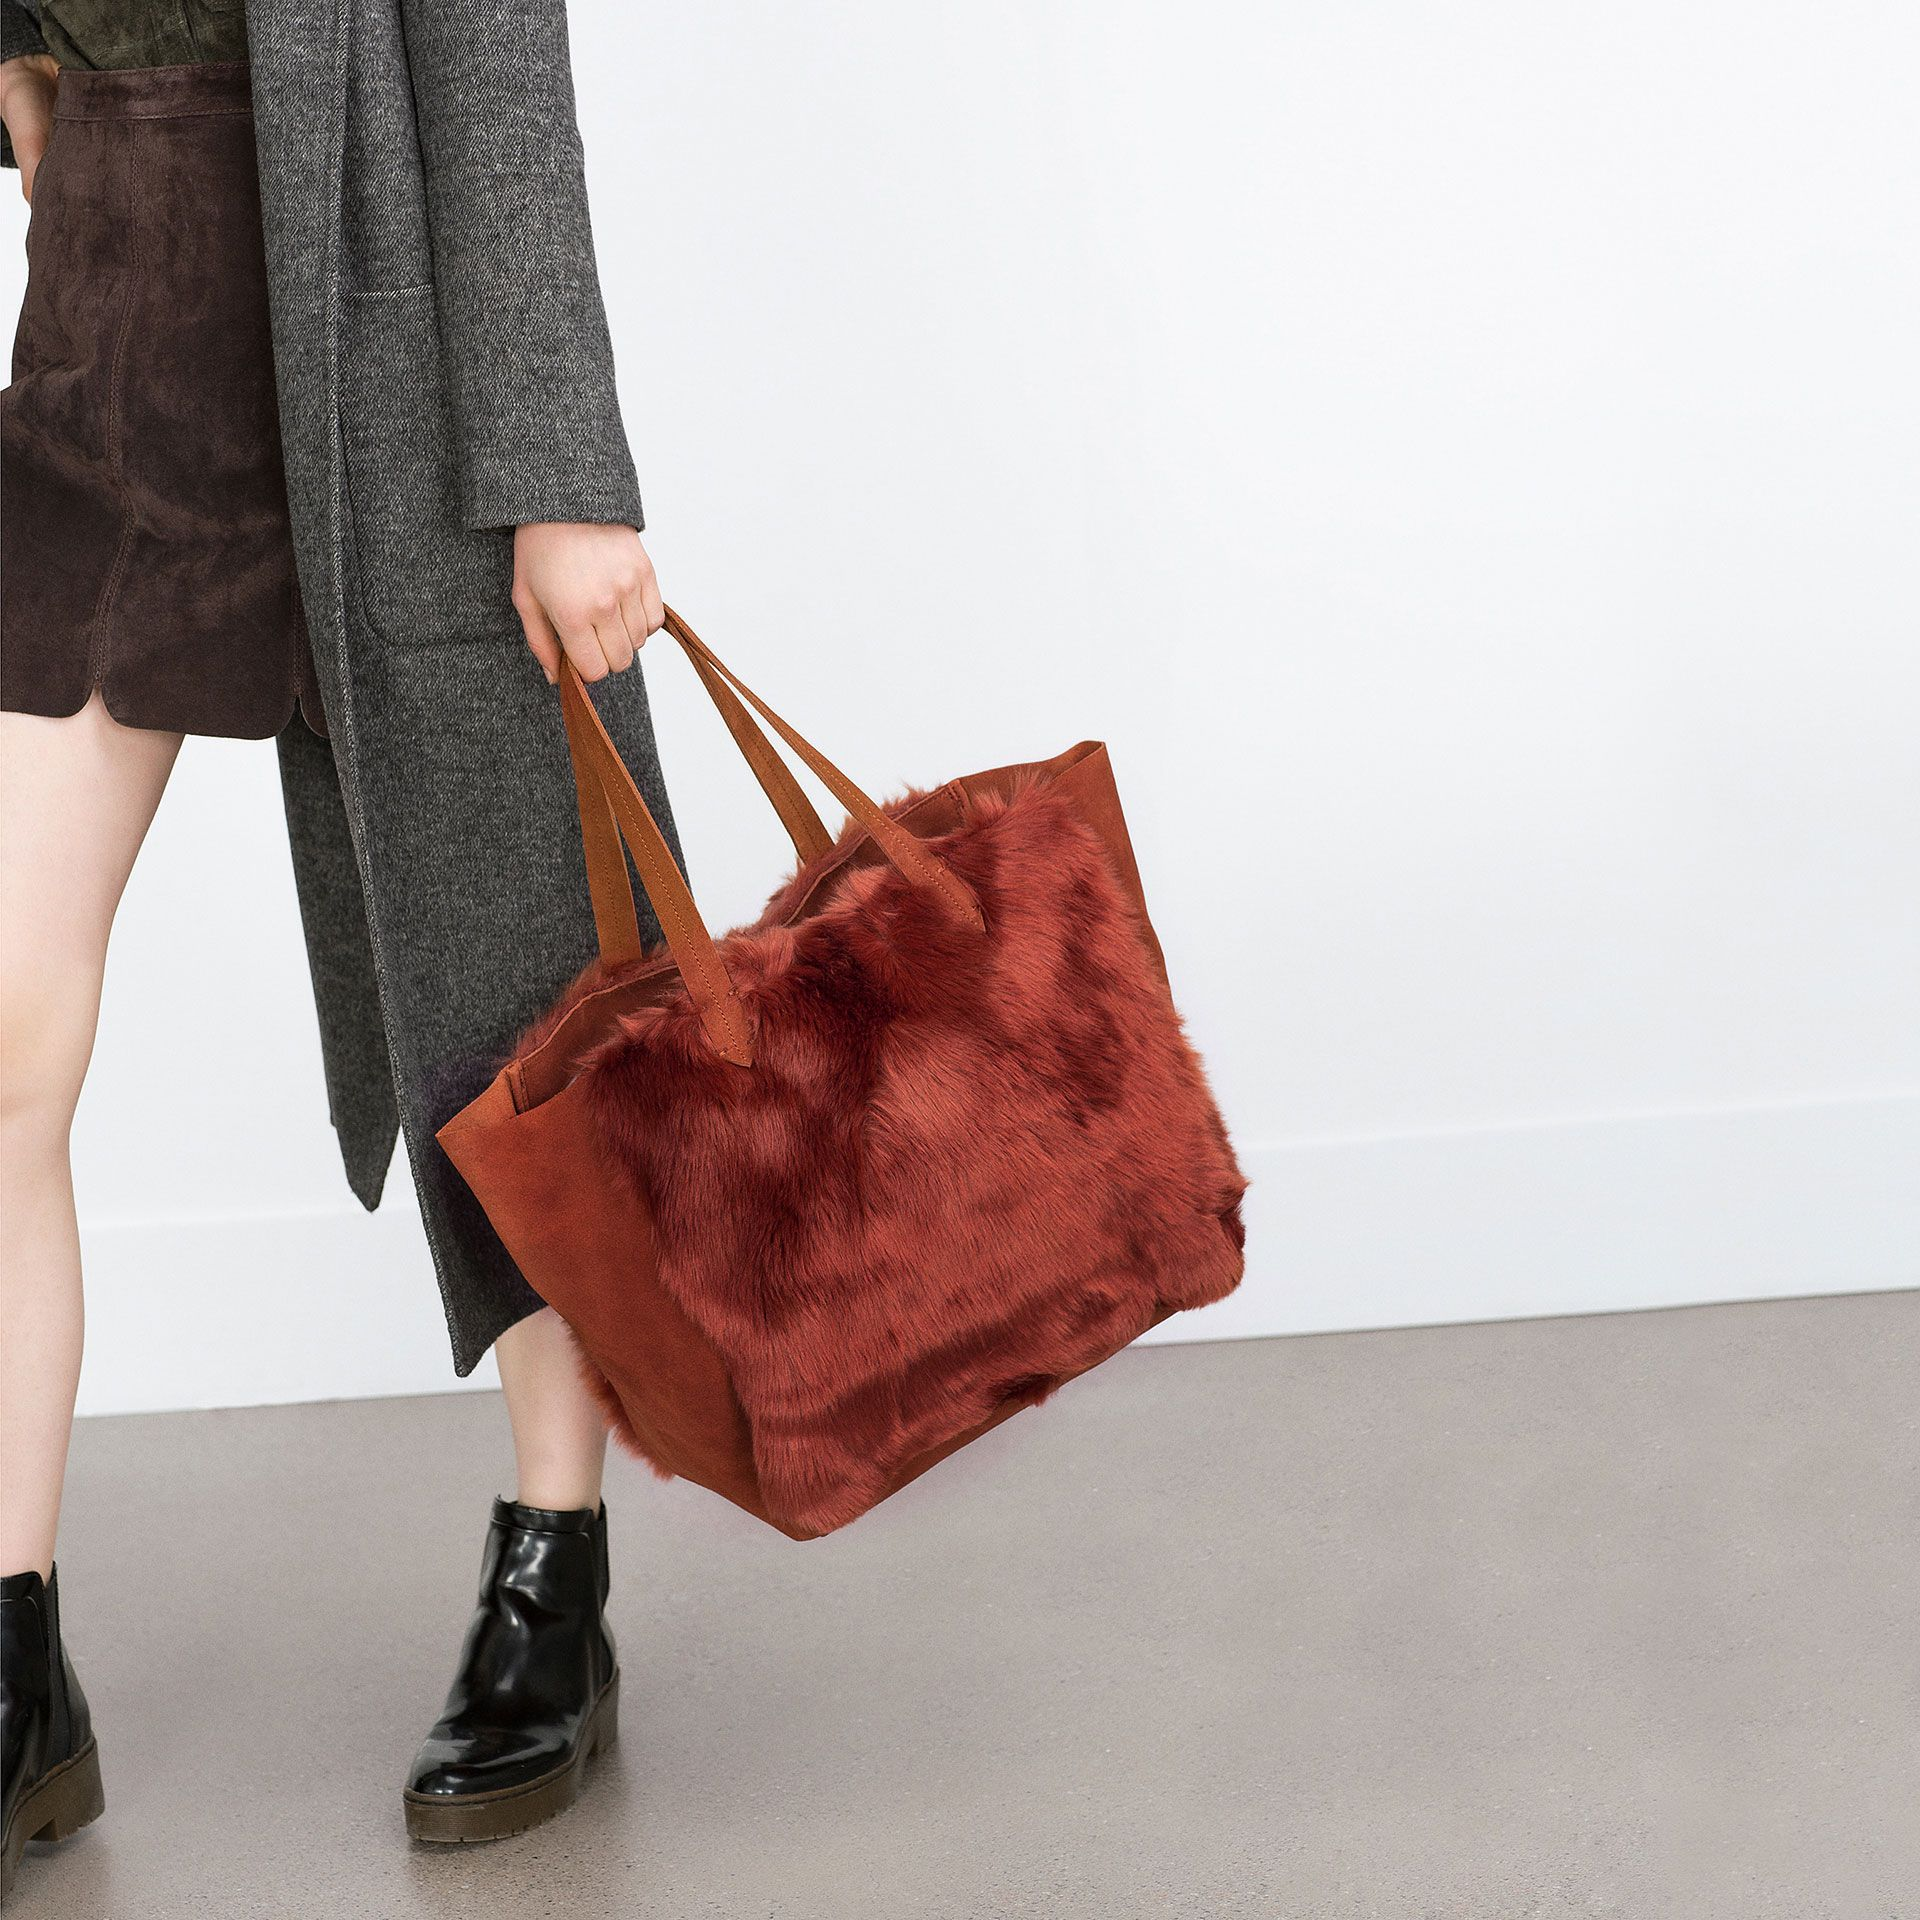 SHOPPER AUS LEDER - Alles anzeigen - Taschen - DAMEN | ZARA Deutschland